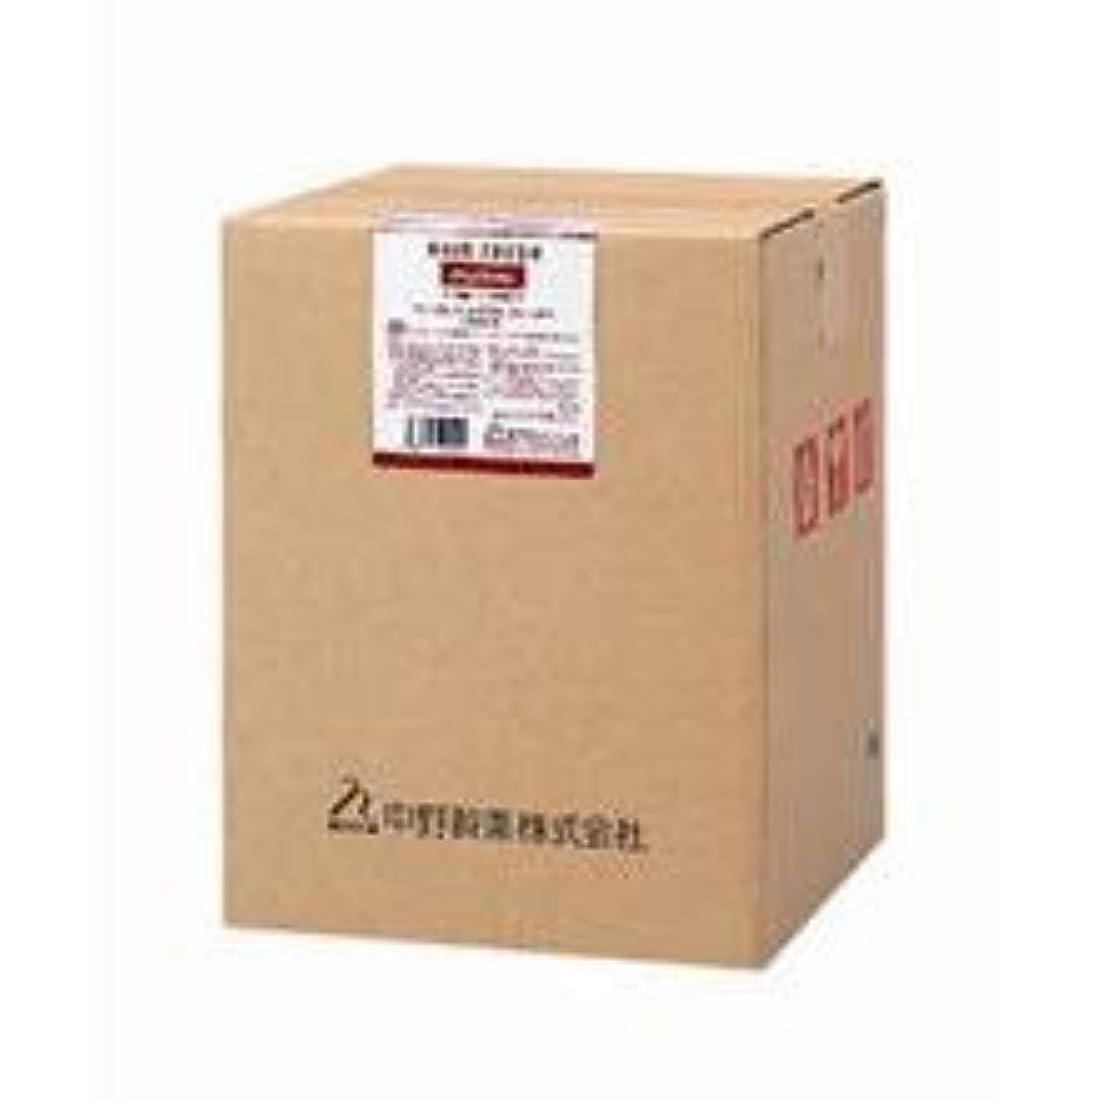 機密ふくろう乳剤中野製薬 HF ミストウォーター 10L